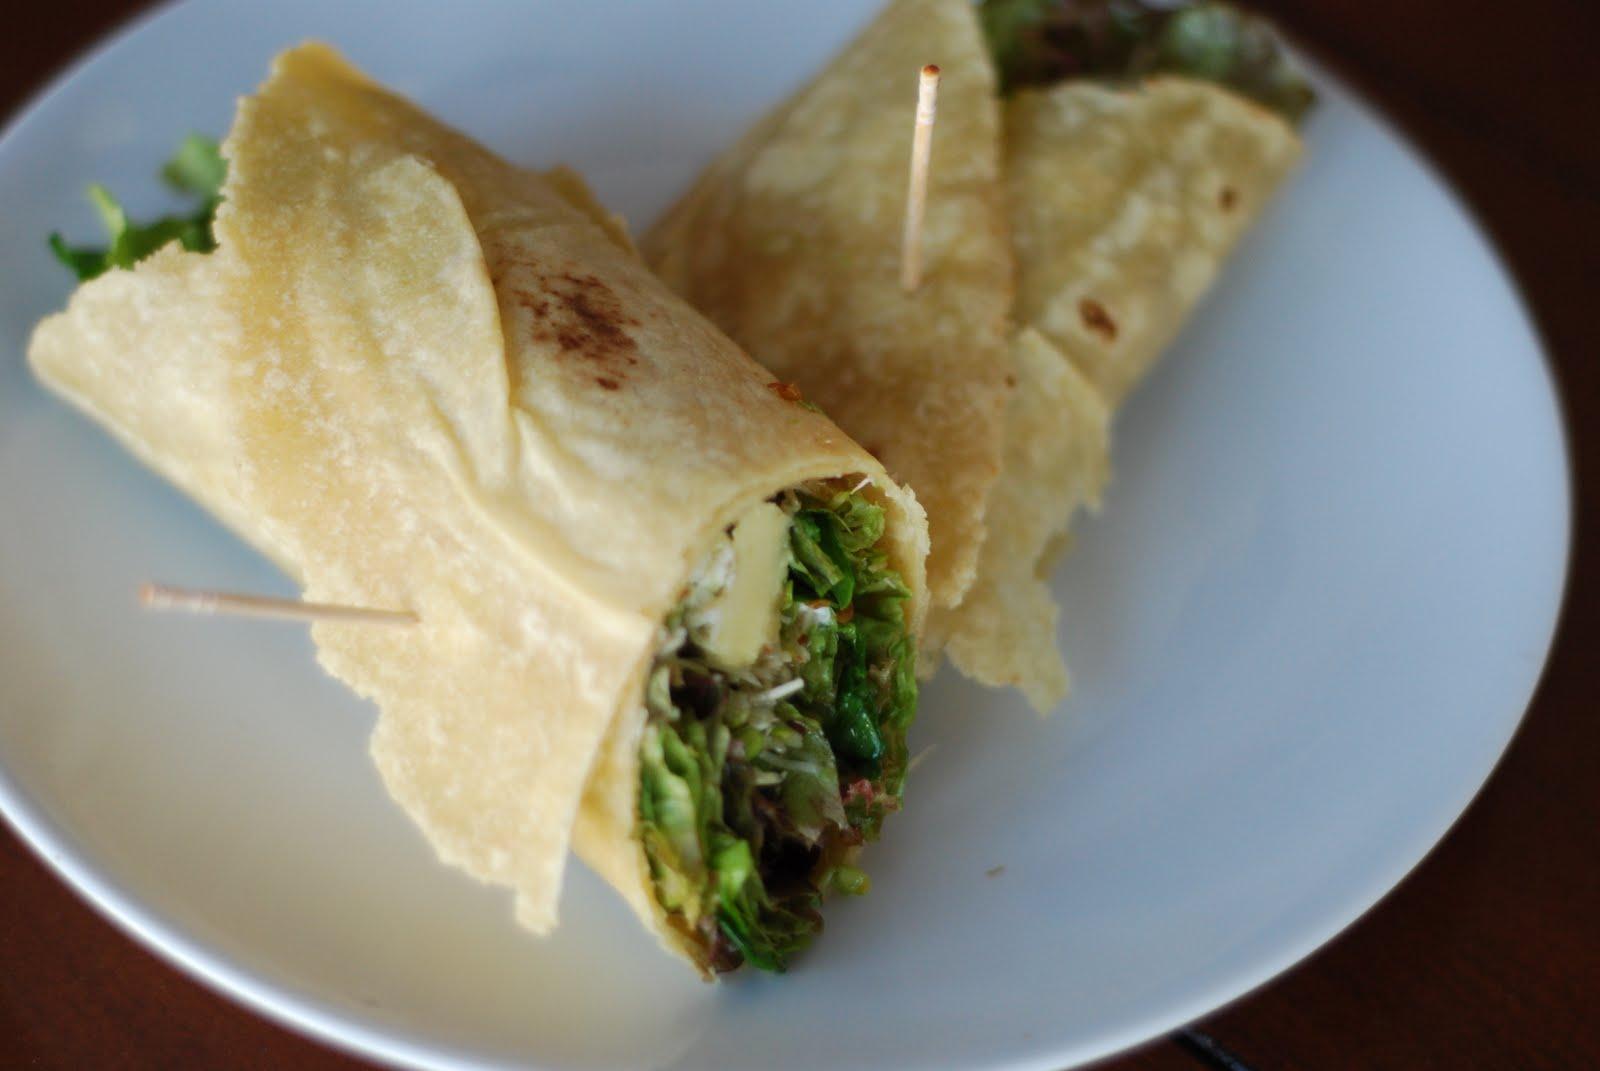 ... + ideas about Veggie Wraps on Pinterest | Wraps, Wrap Recipes and